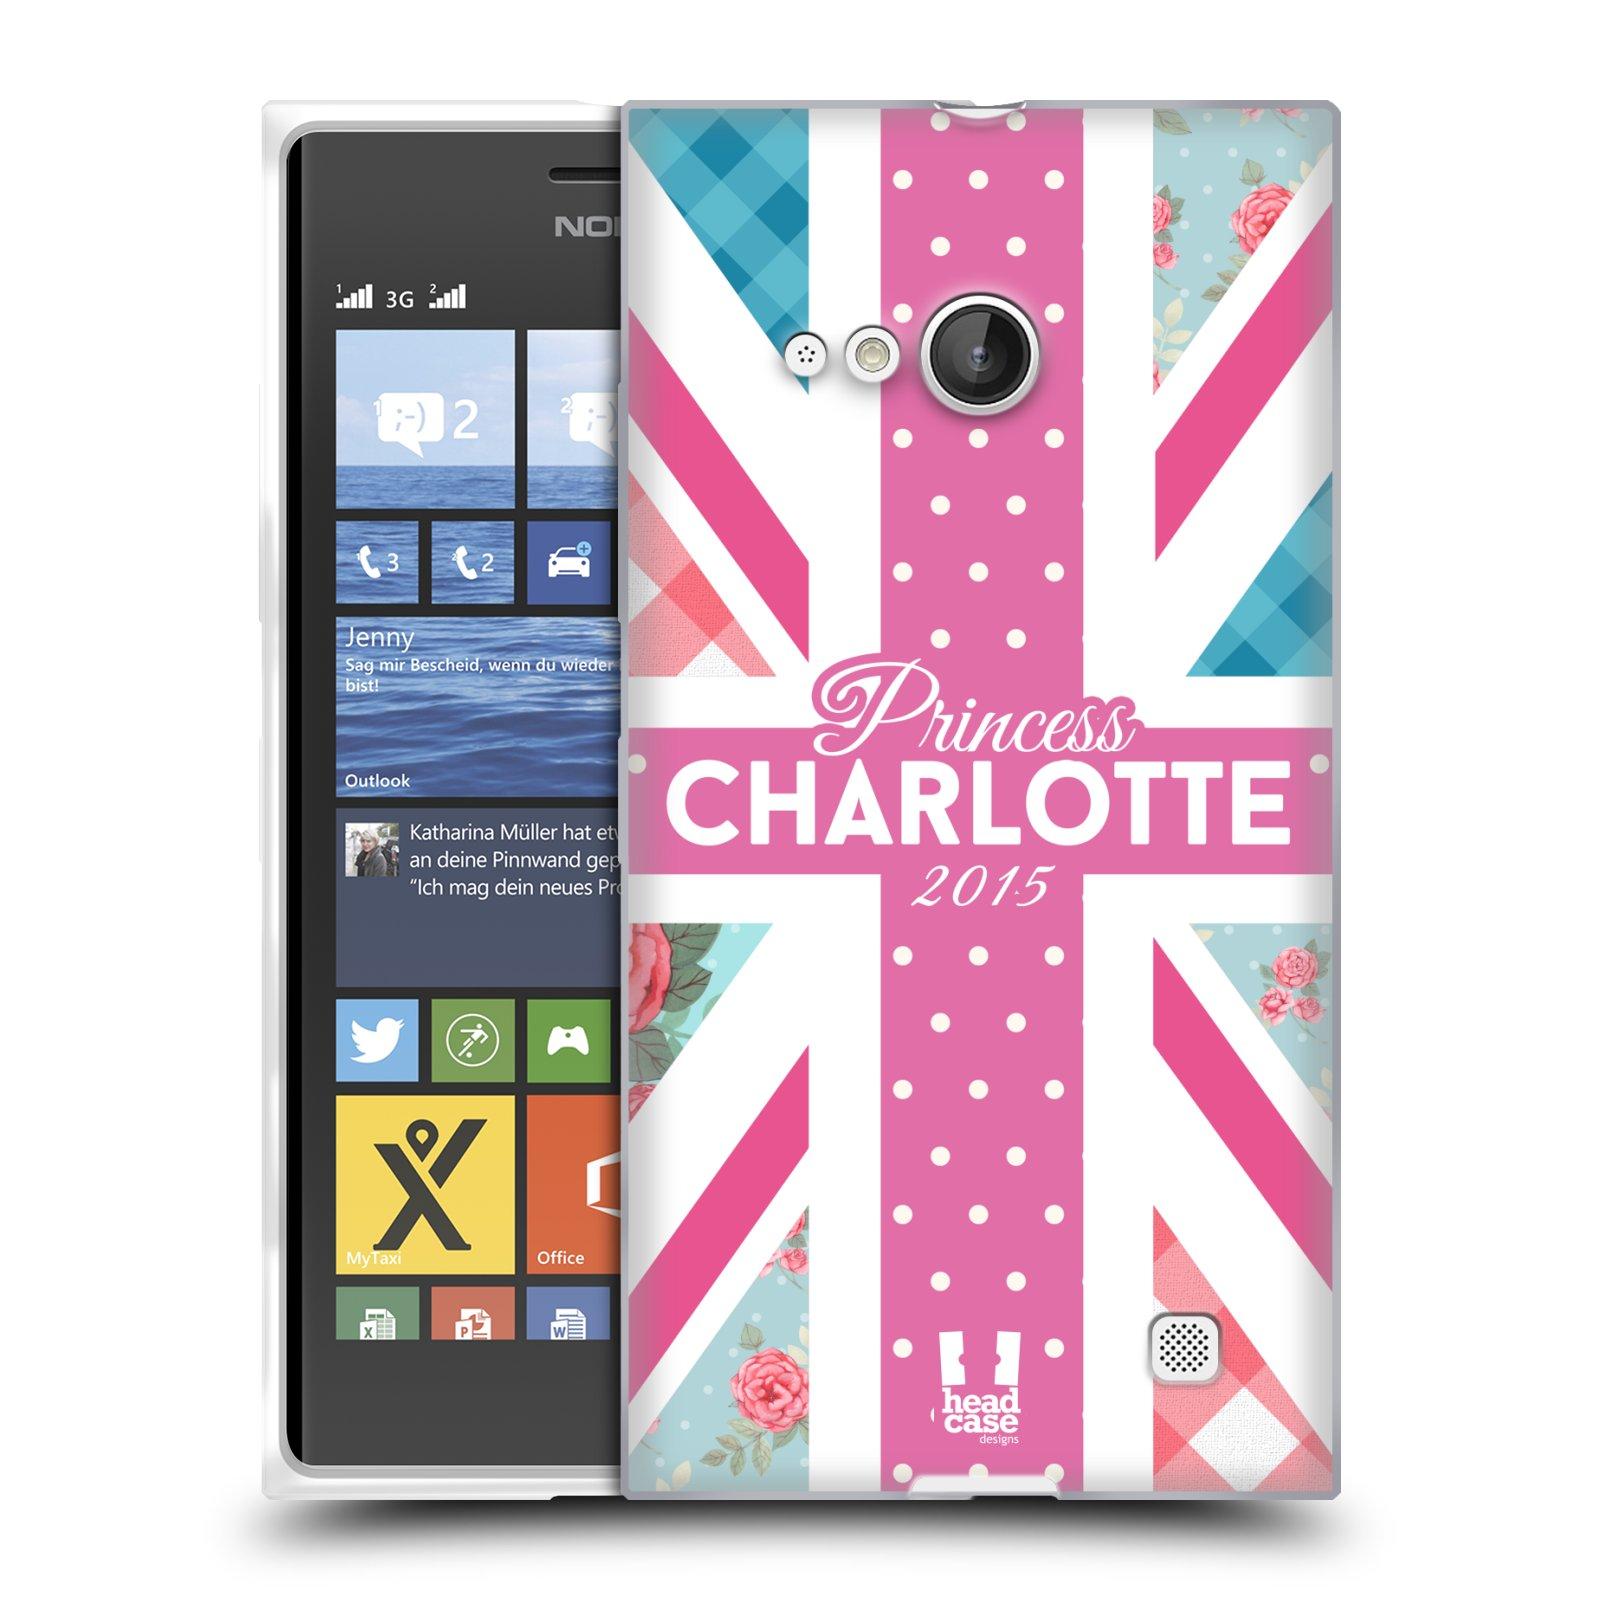 Silikonové pouzdro na mobil Nokia Lumia 730 Dual SIM HEAD CASE PRINCEZNIČKA CHARLOTTE (Silikonový kryt či obal na mobilní telefon Nokia Lumia 730 Dual SIM)